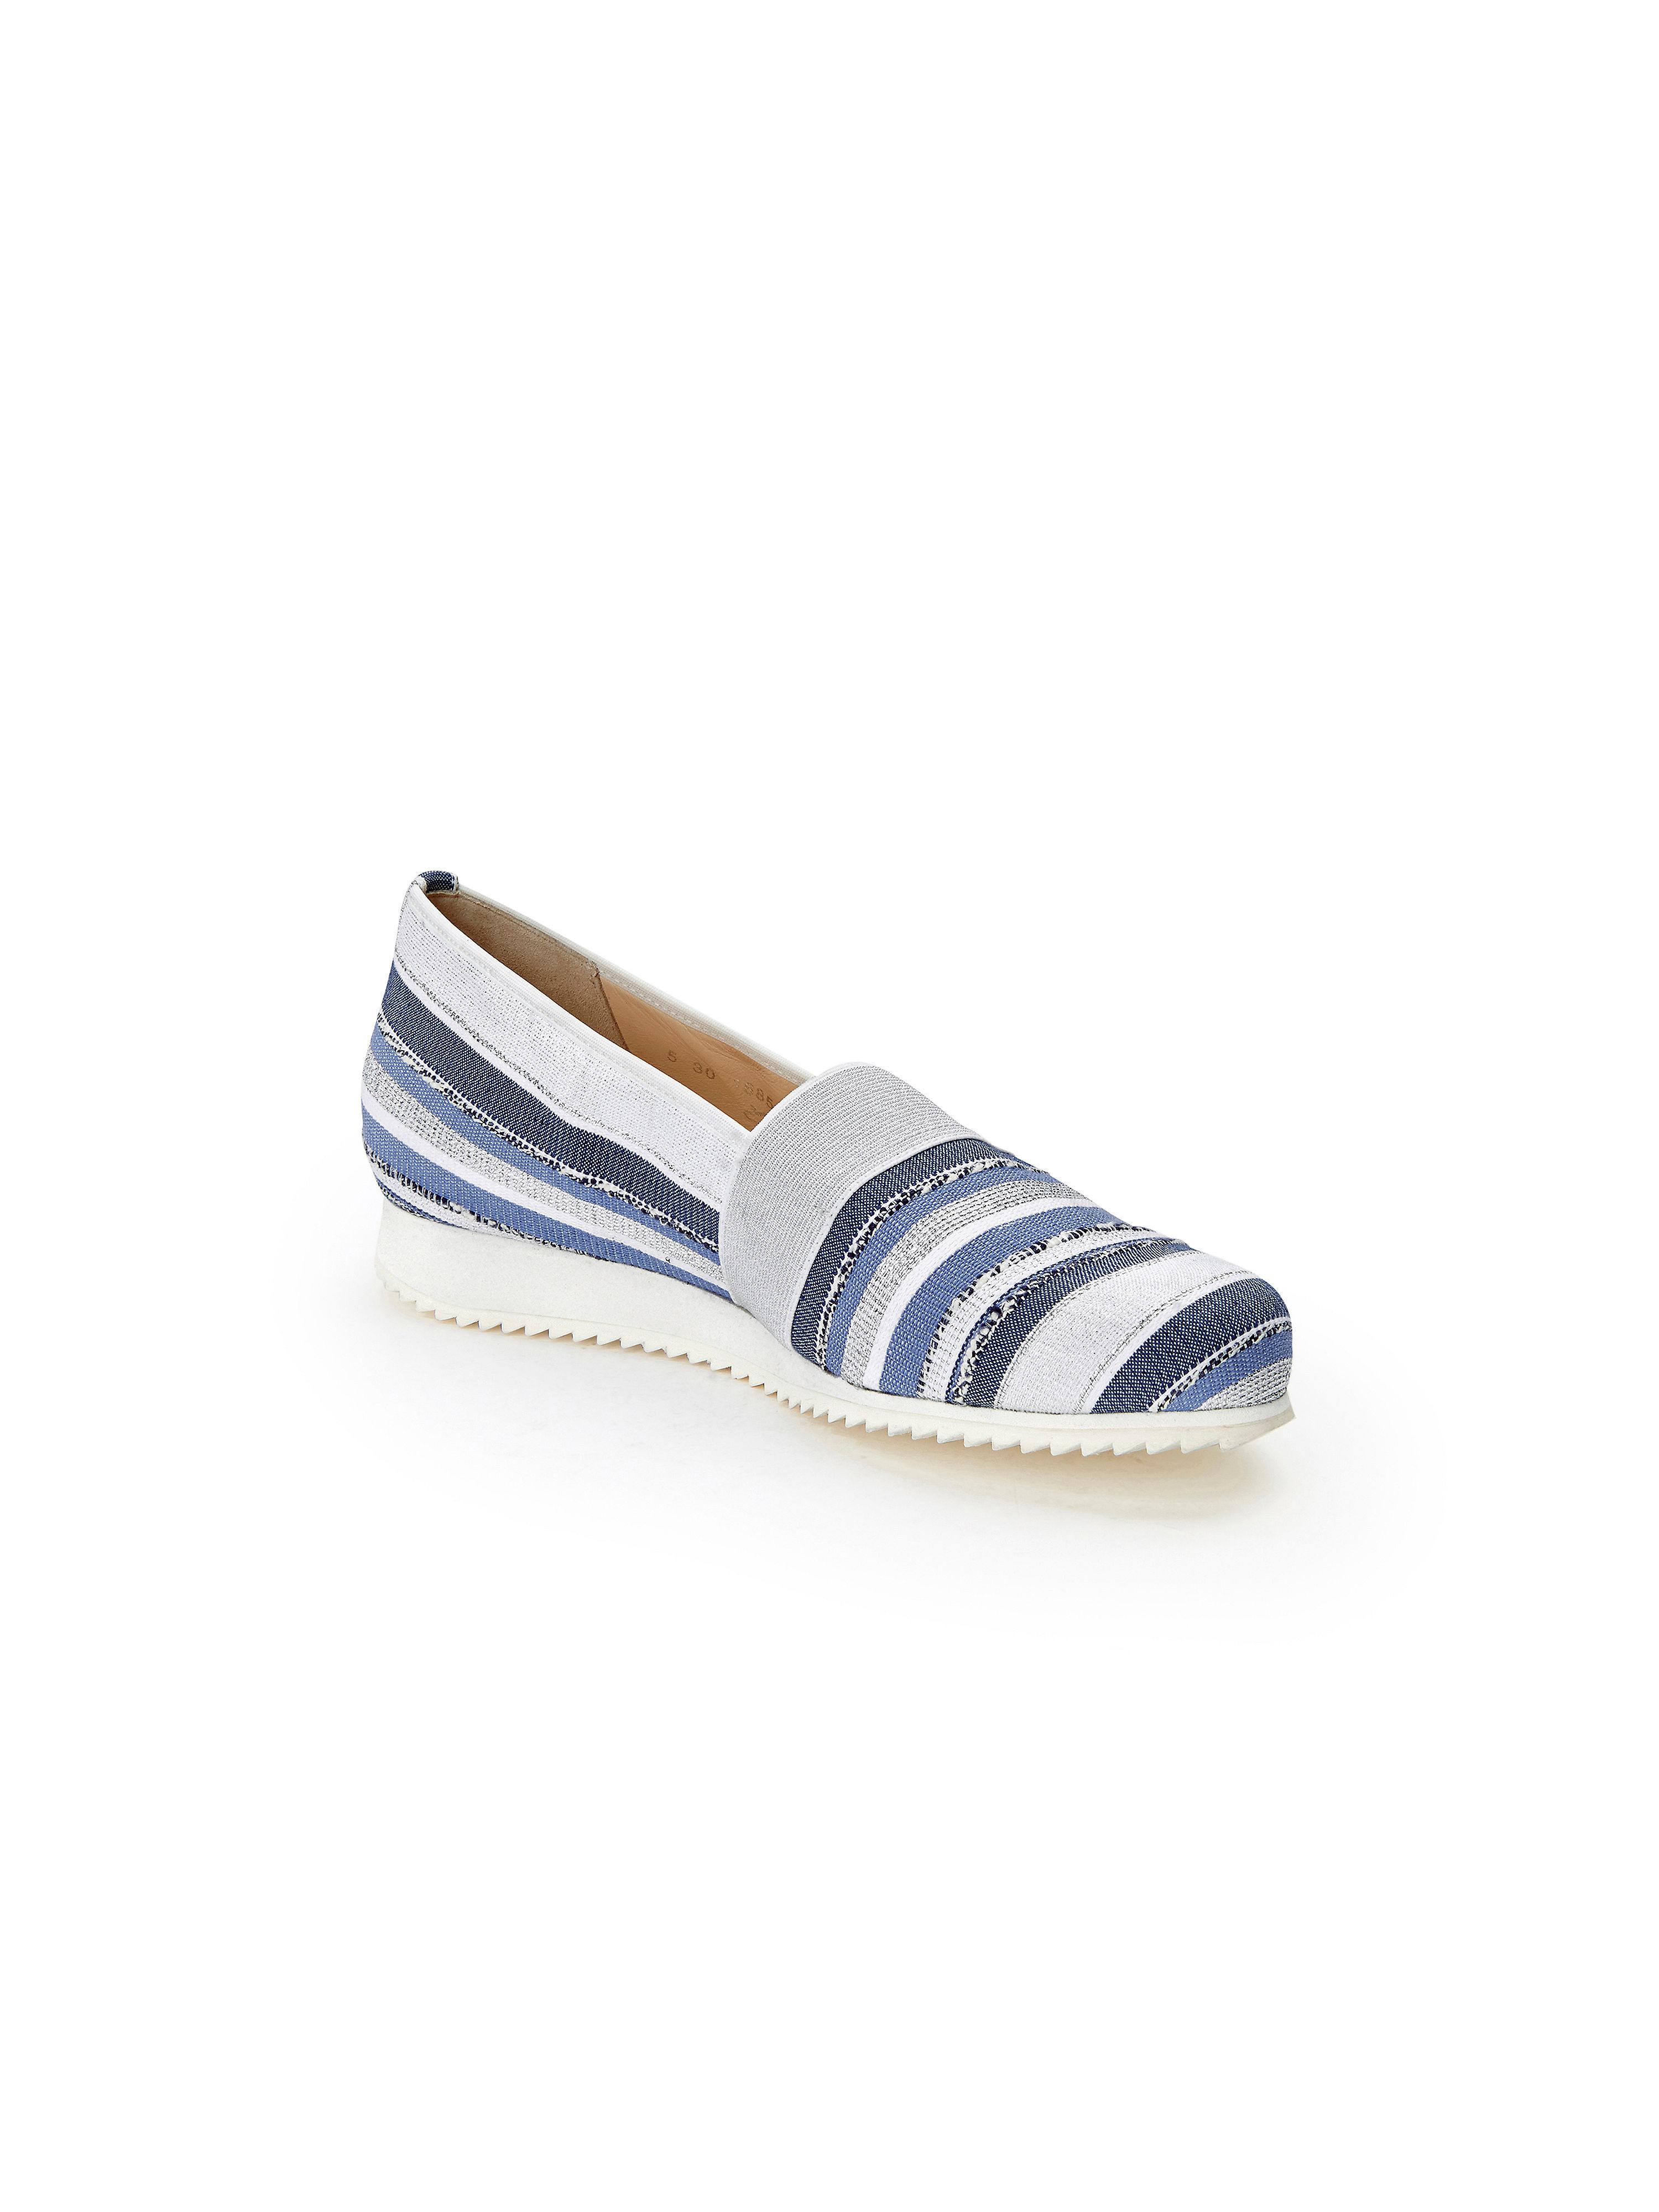 Hassia - Slipper mit Glitzer-Effekt - Blau/Weiß/Silber Gute Qualität beliebte Schuhe